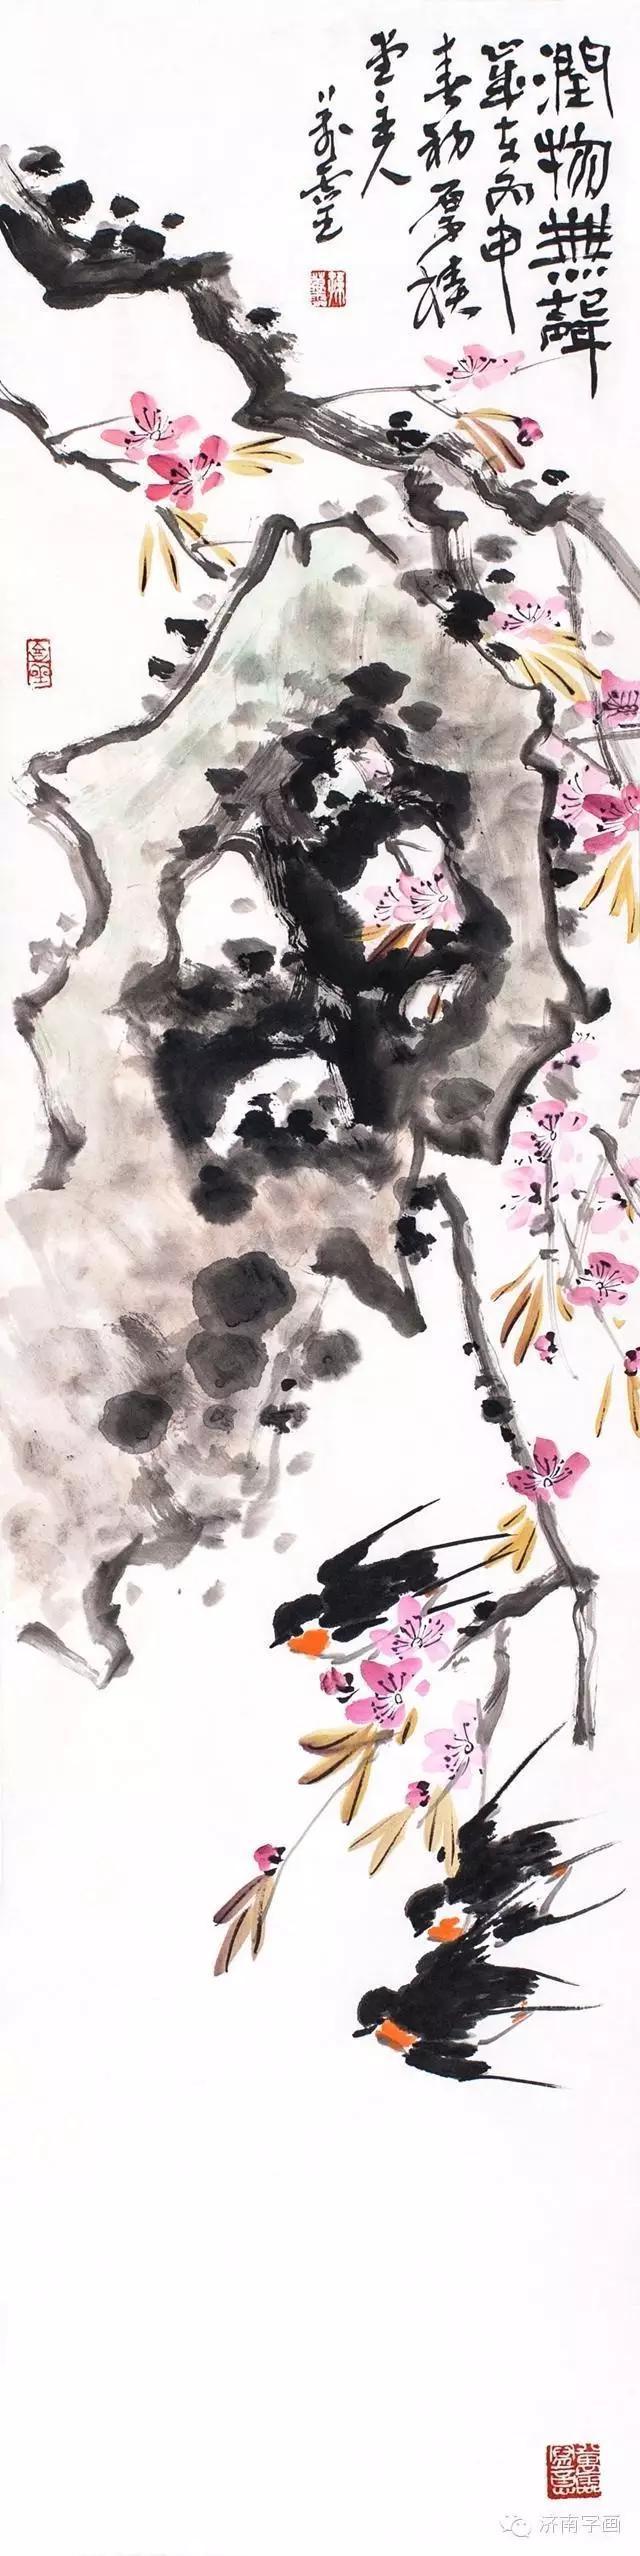 清灵俊秀,古雅内蕴——青年花鸟画家孙万灵艺术纵谈